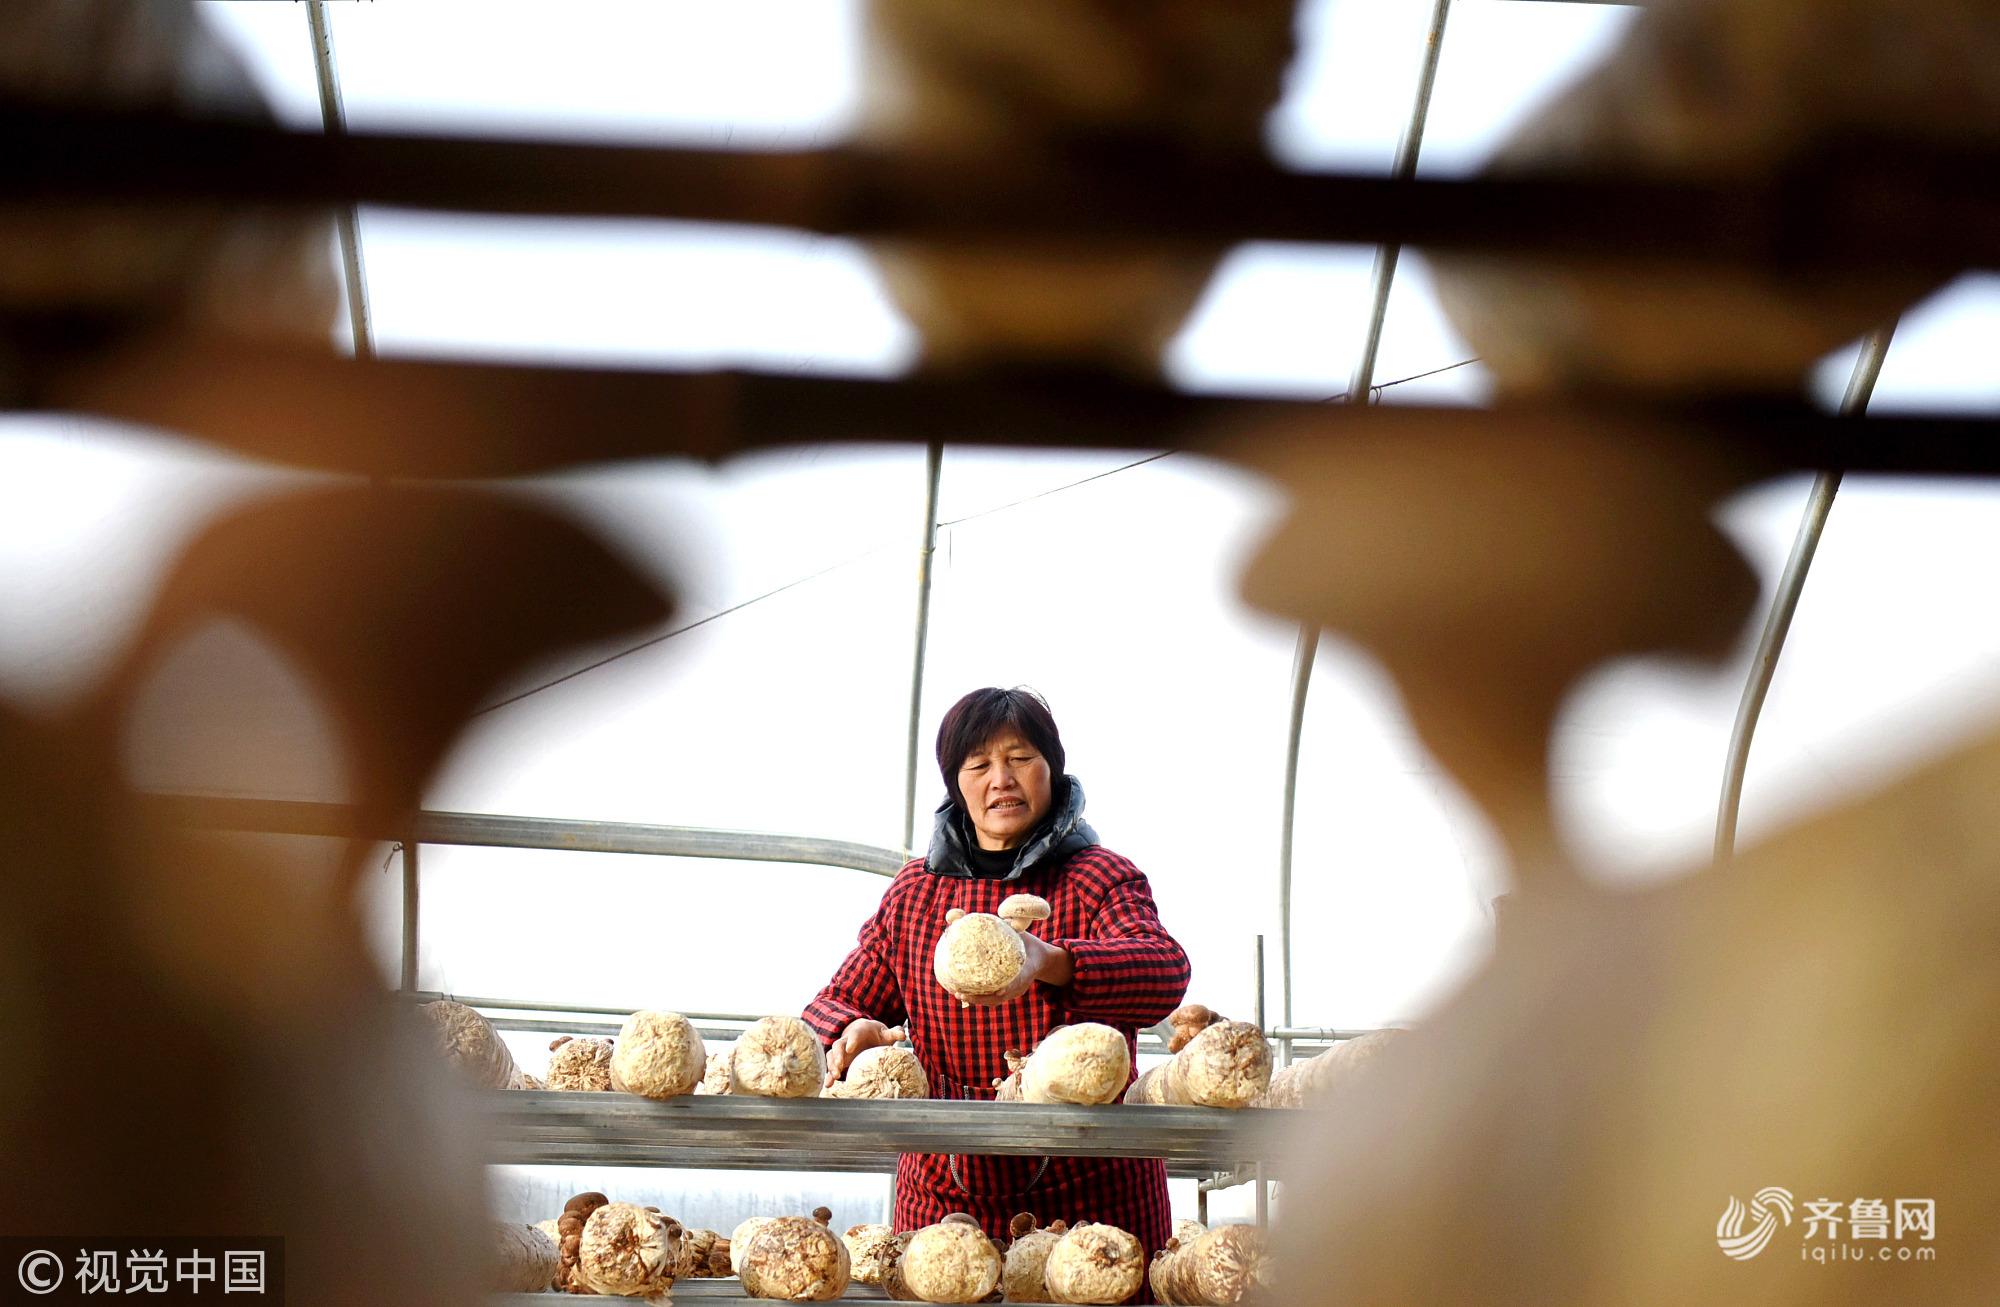 山东淄博:探访沂源香菇种植基地 香菇产业带动农民增收